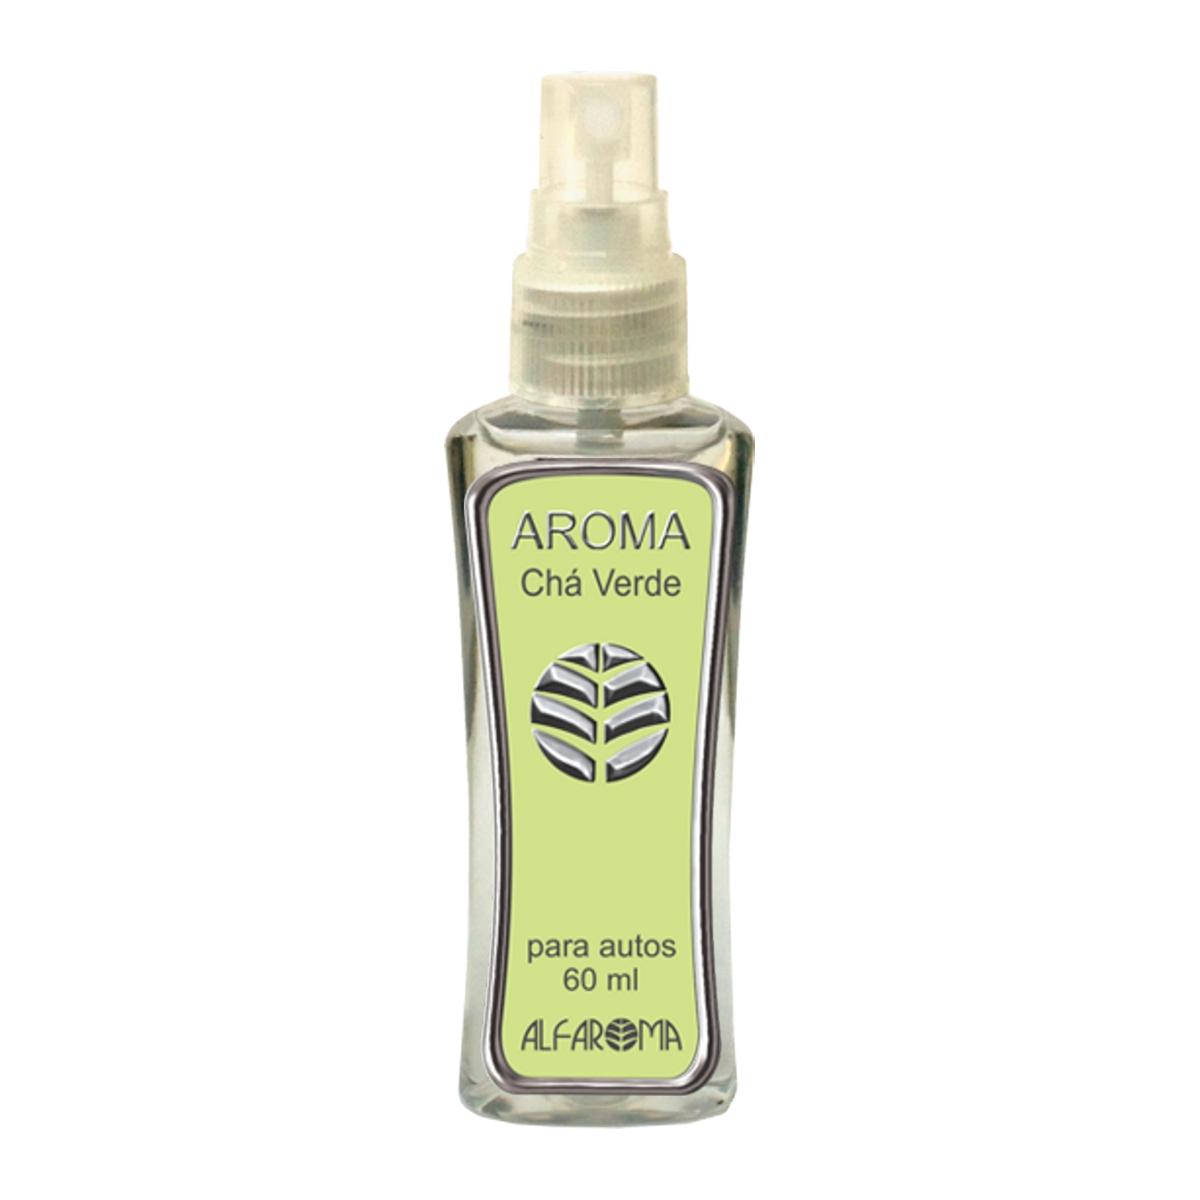 Aromatizador Aroma para Autos Chá Verde 60ml - Alfaroma